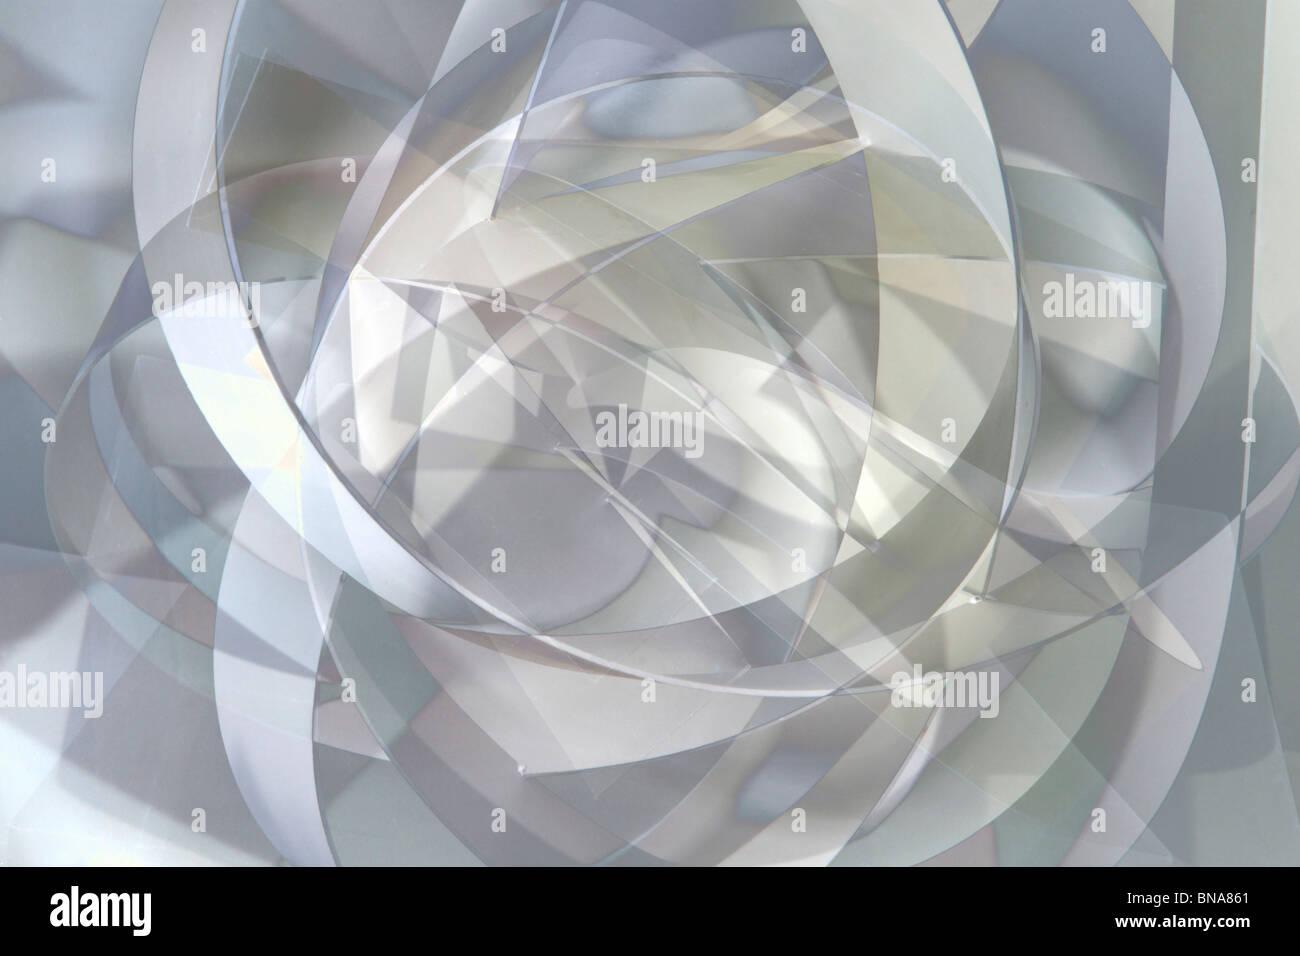 Desarrollo de curvas abstractas en blanco y negro Foto de stock